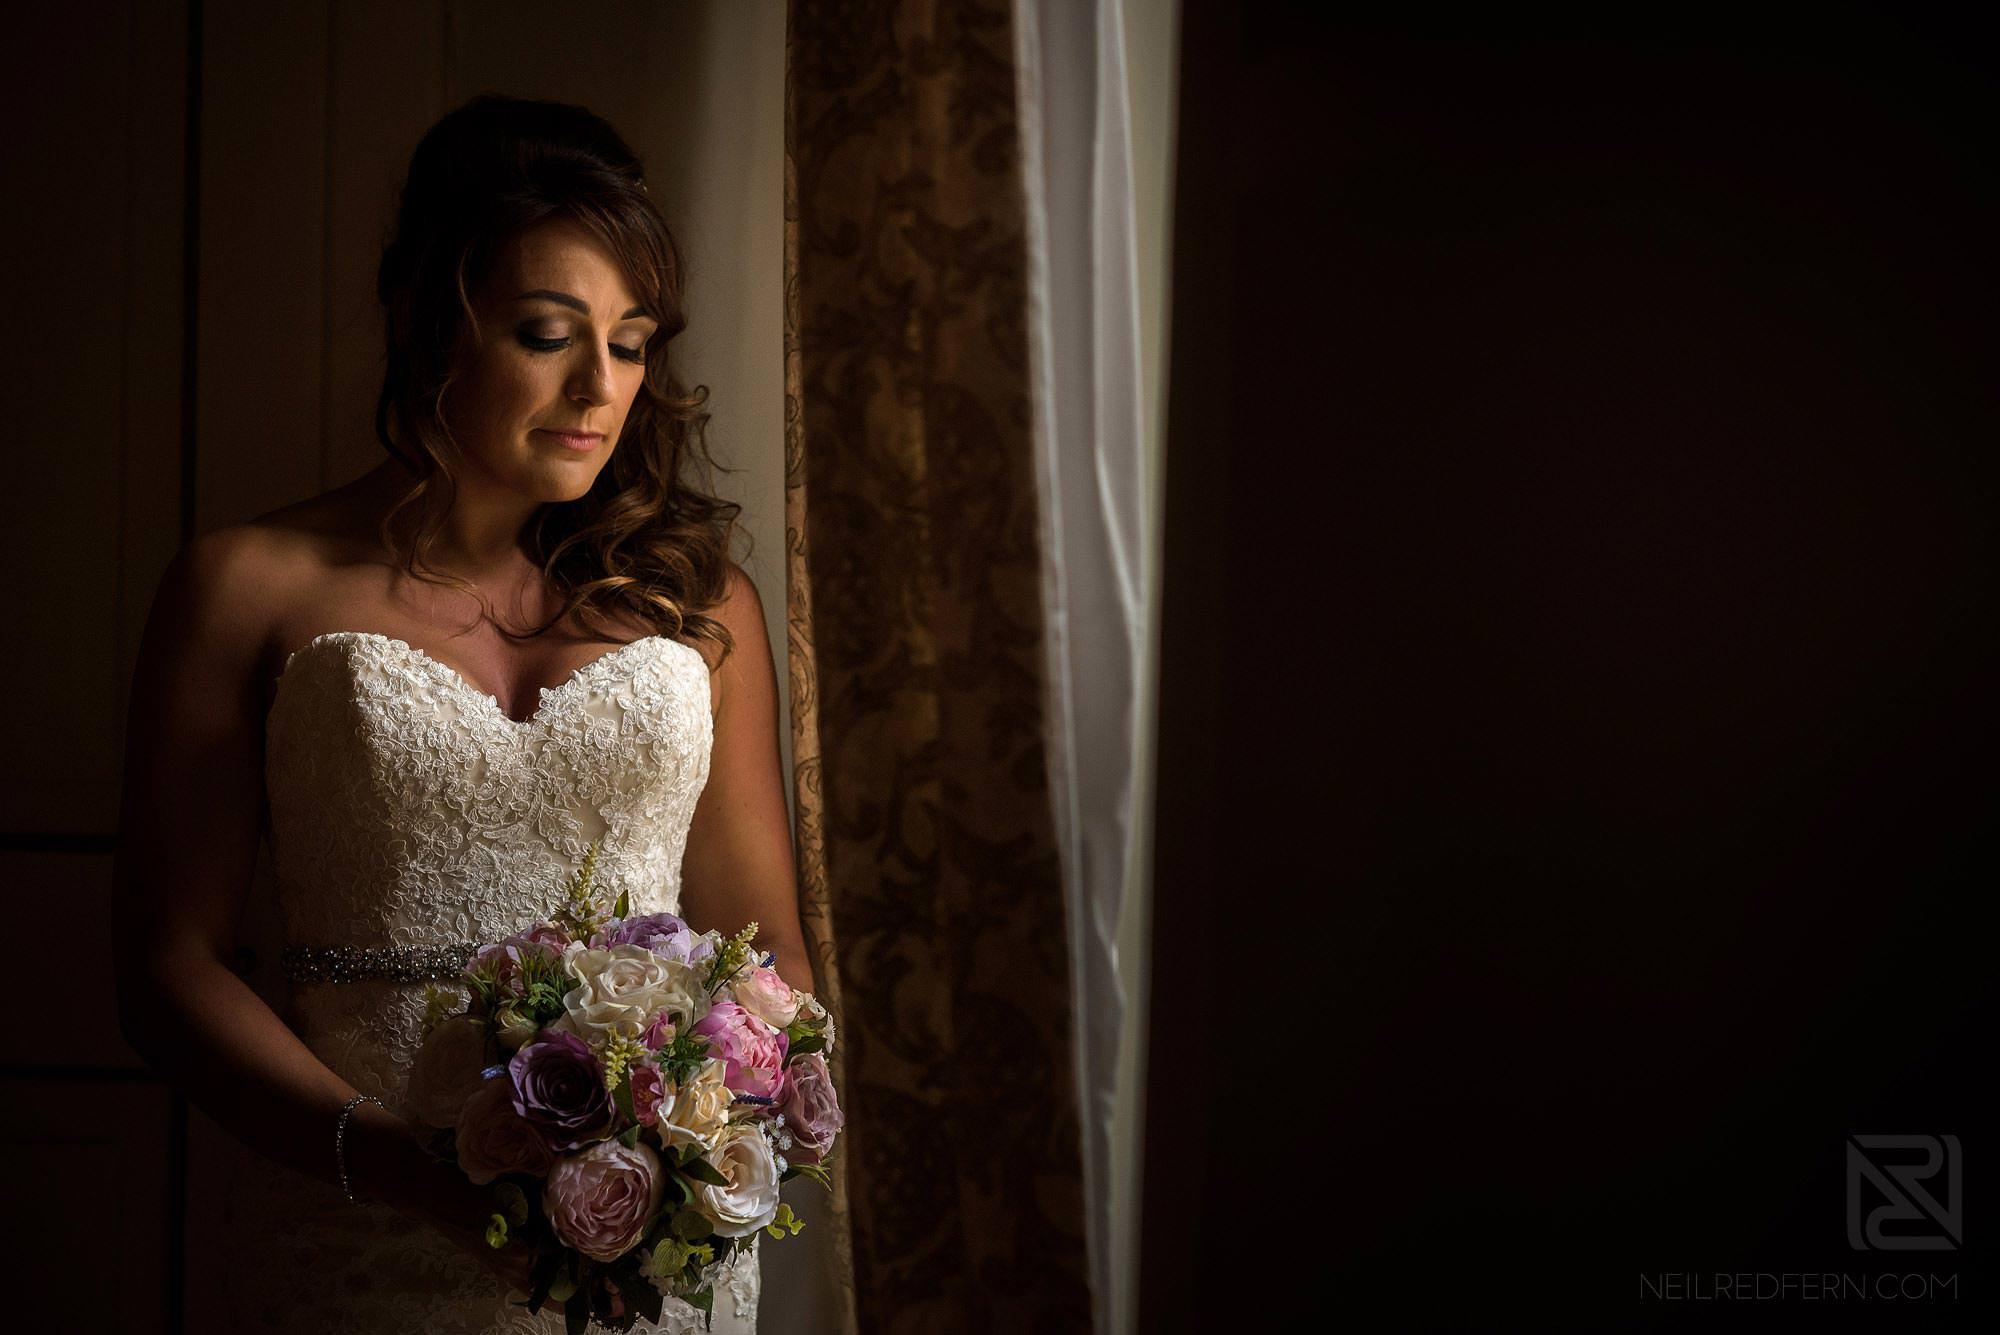 beautiful portrait of bride by window